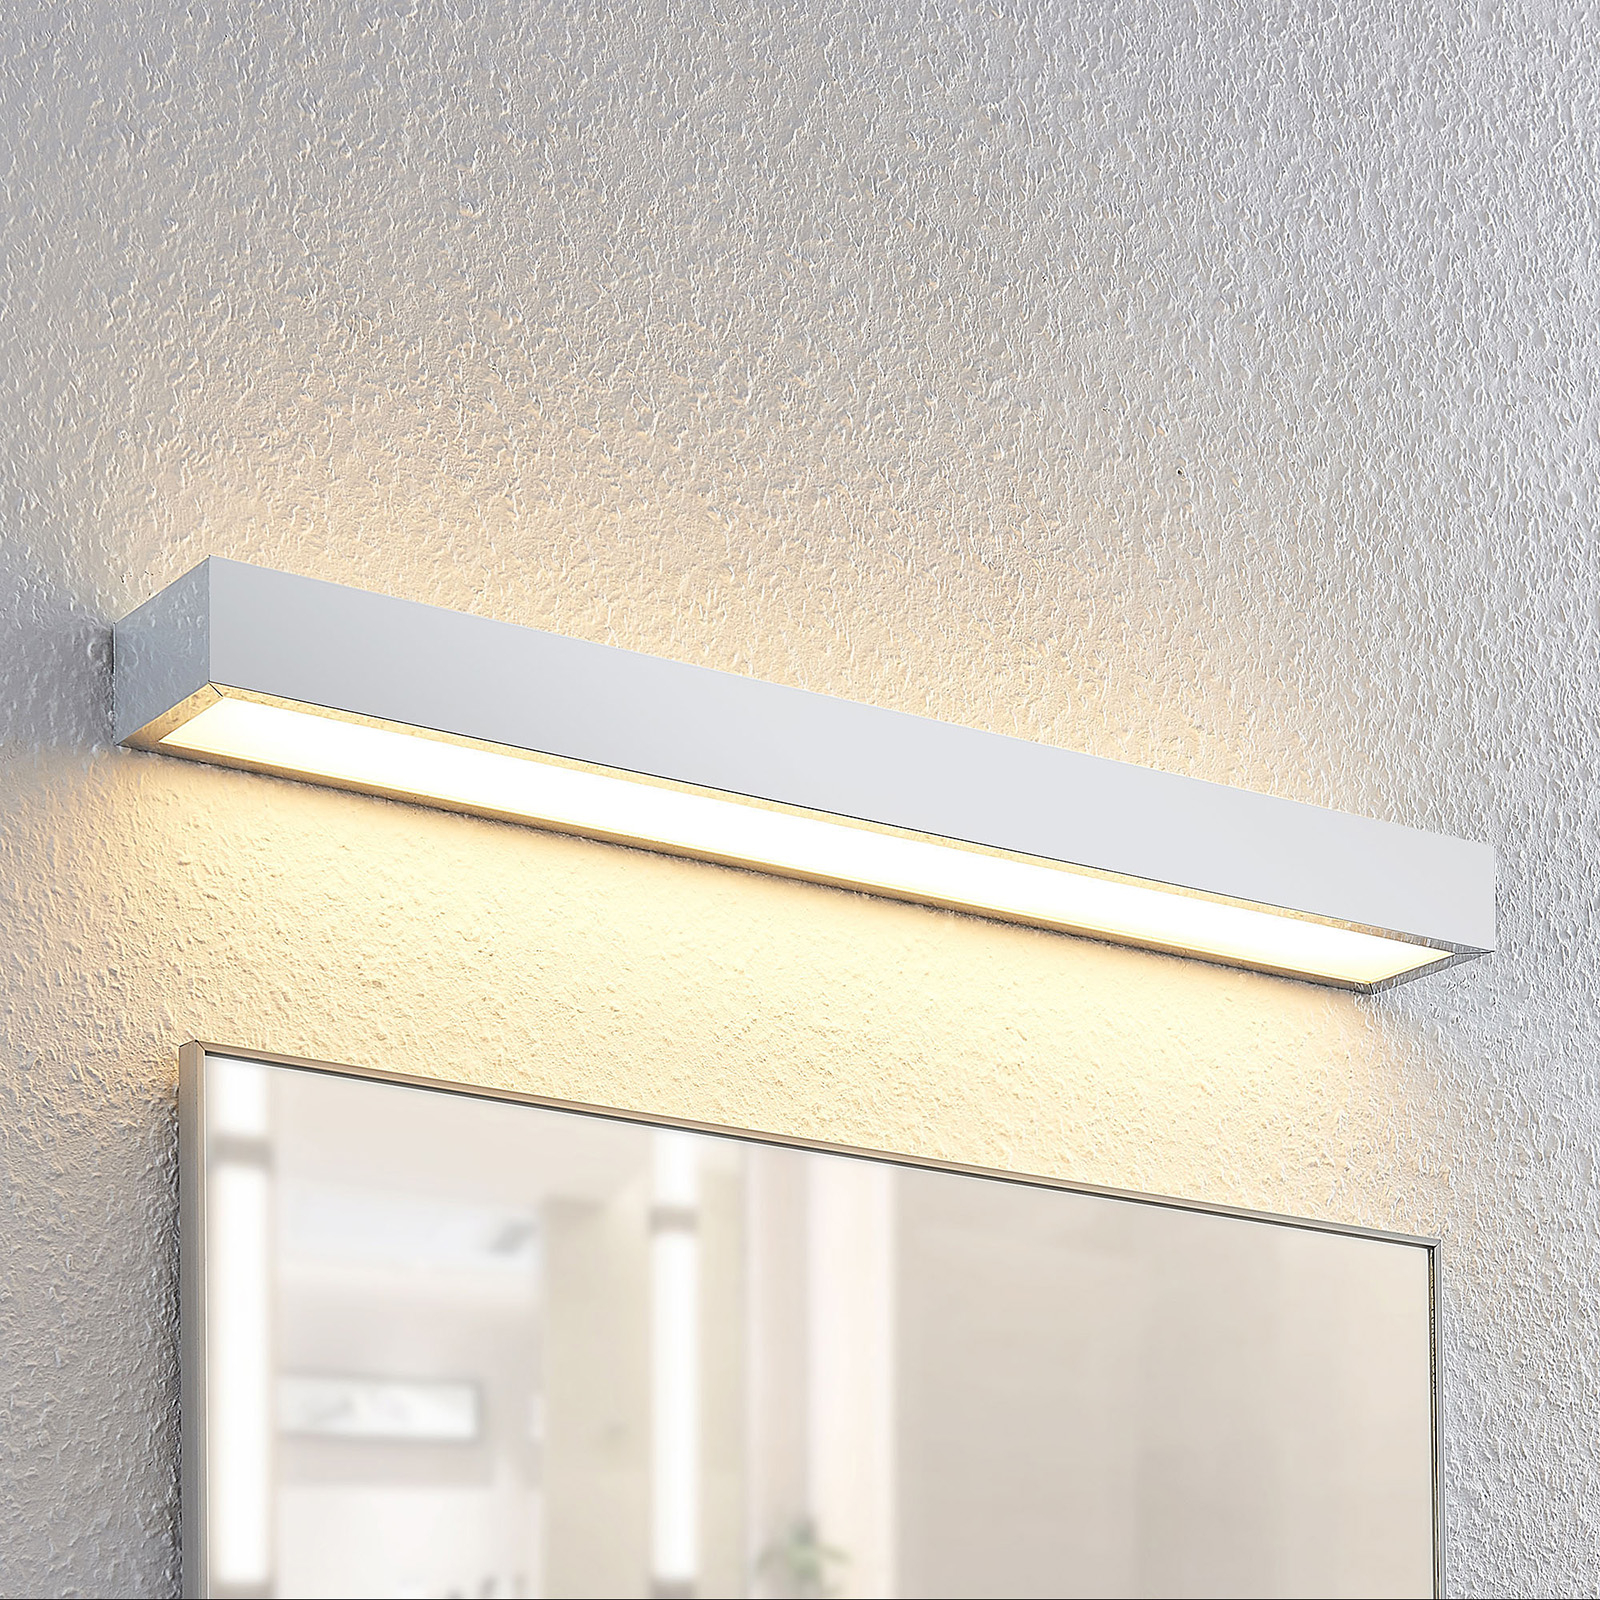 Lindby Layan LED nástěnné světlo, chrom, 60 cm